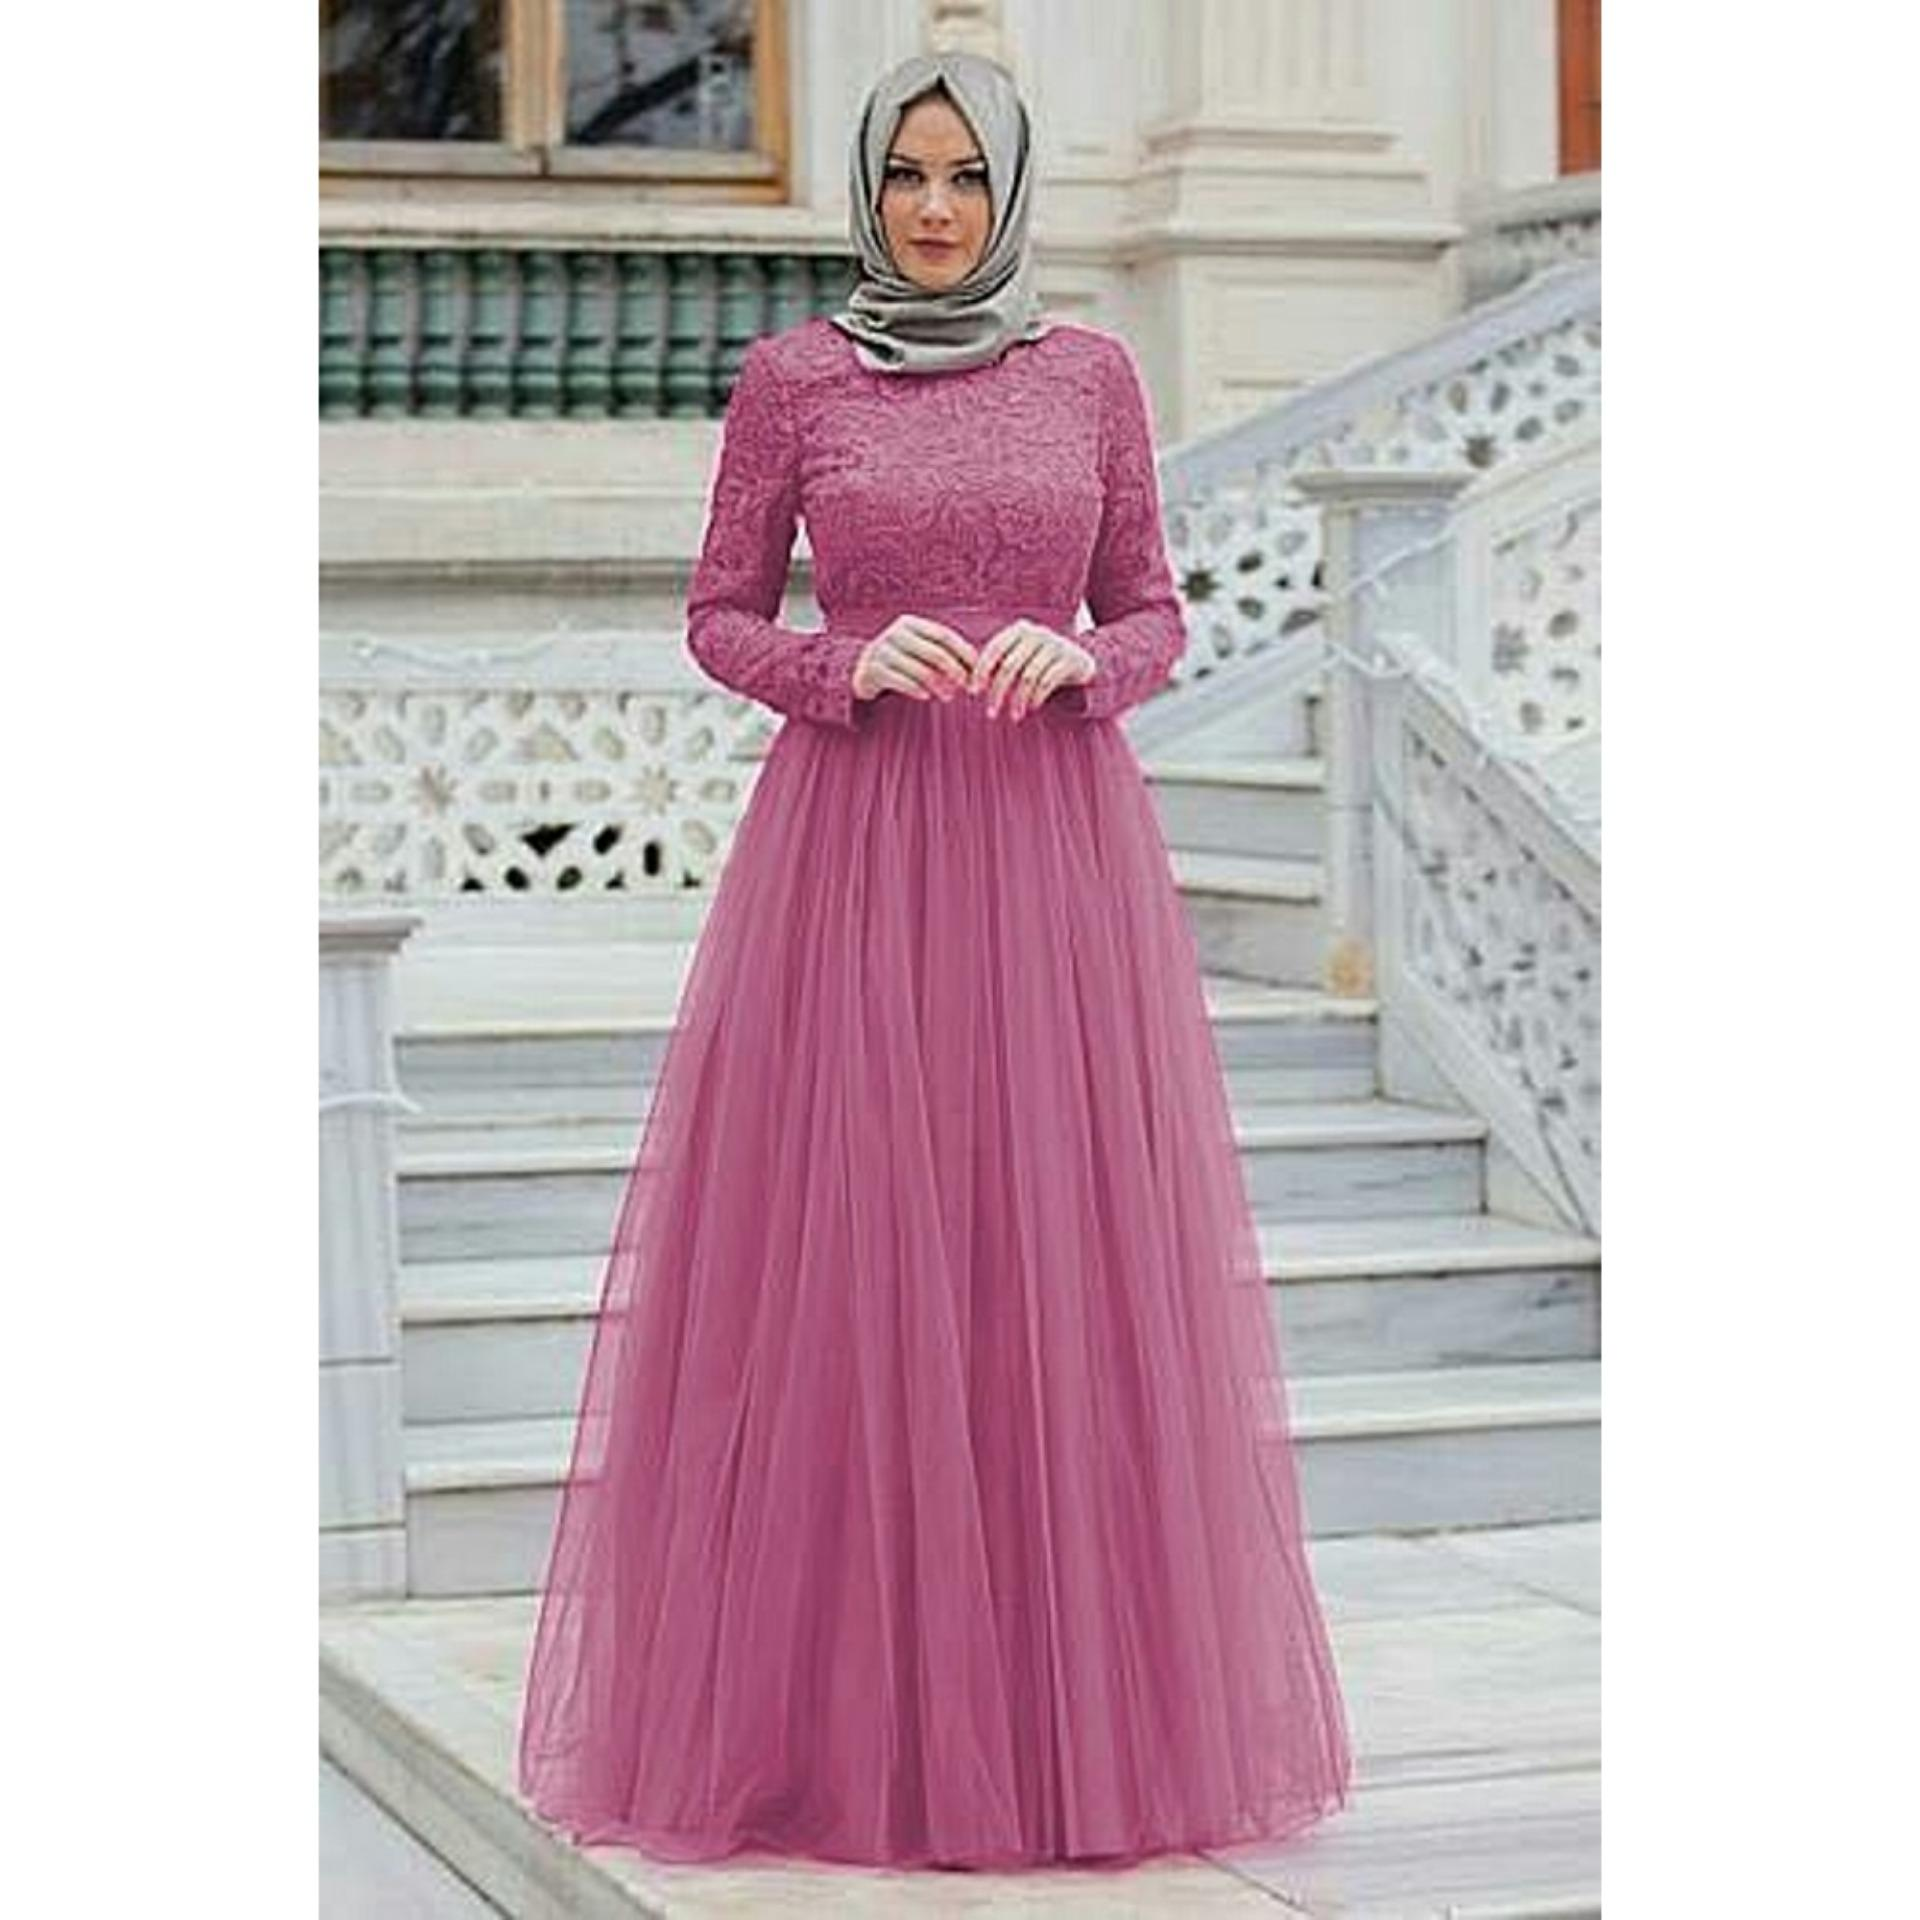 DIONISIA Almaera Gamis Maxi Dress Muslim Wanita Gamis Pesta Brukat Tile  Lengan Panjang 021a790eab